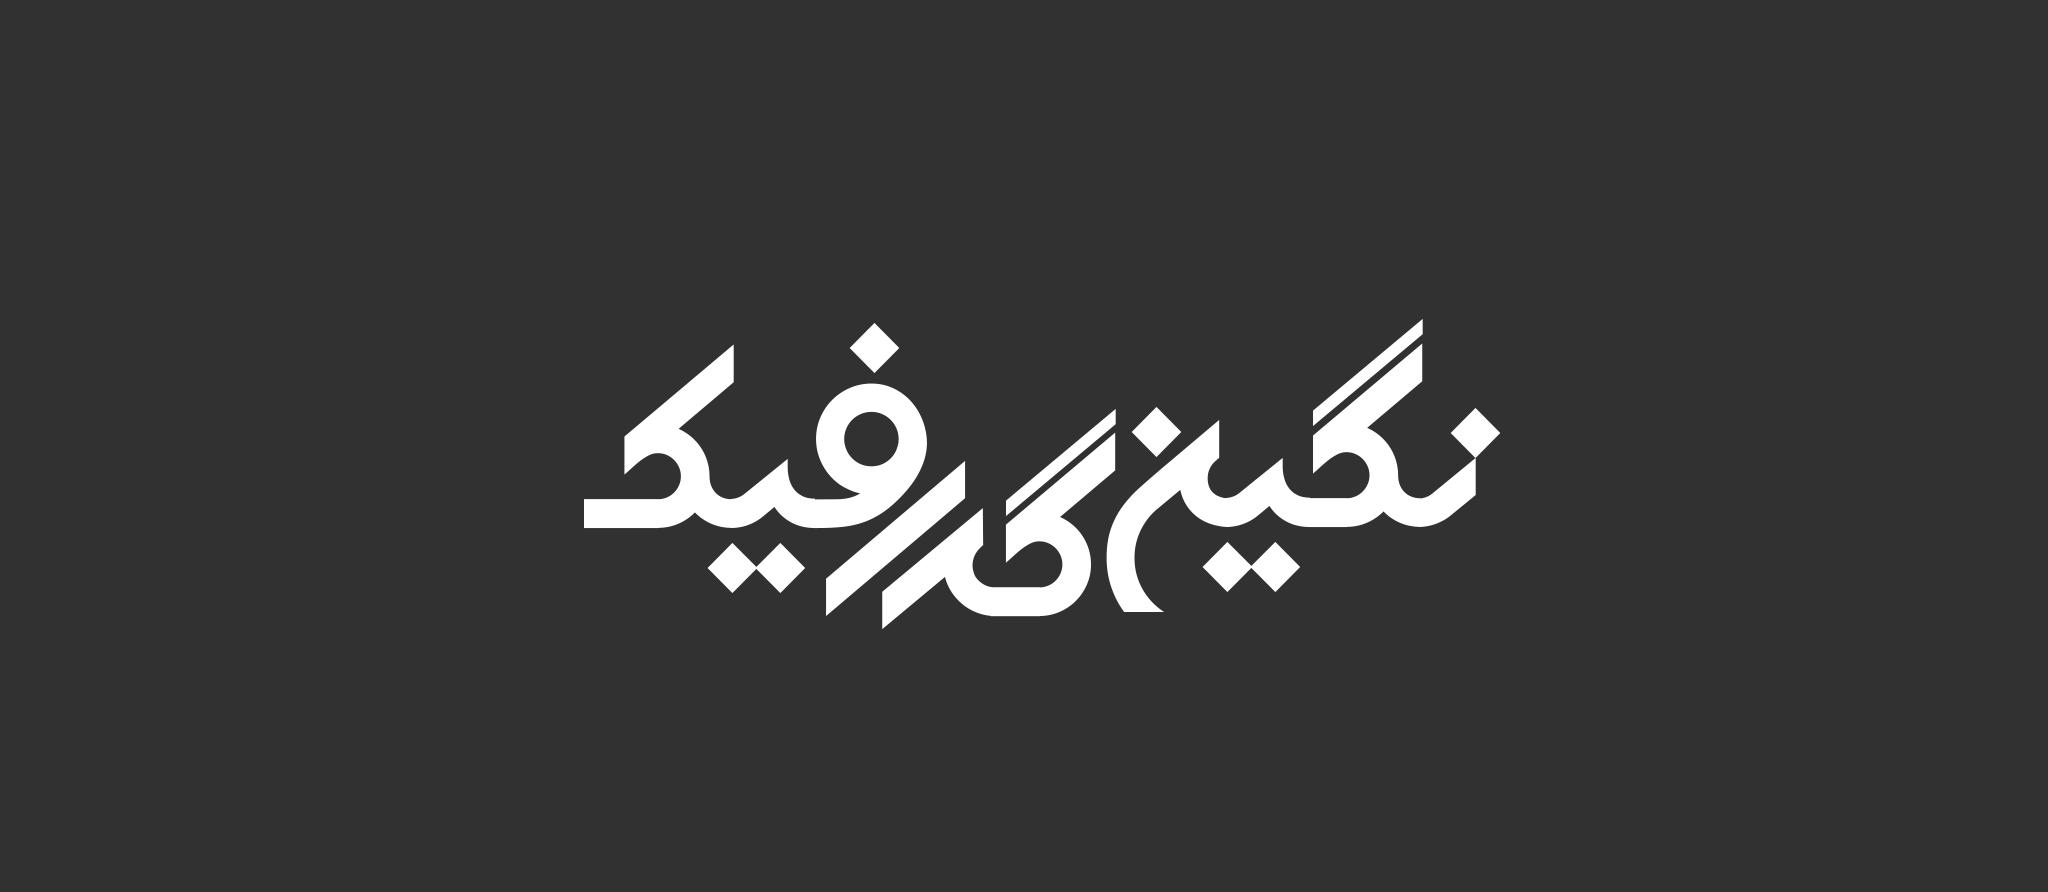 دانلود فونت فارسی دیما نخبه